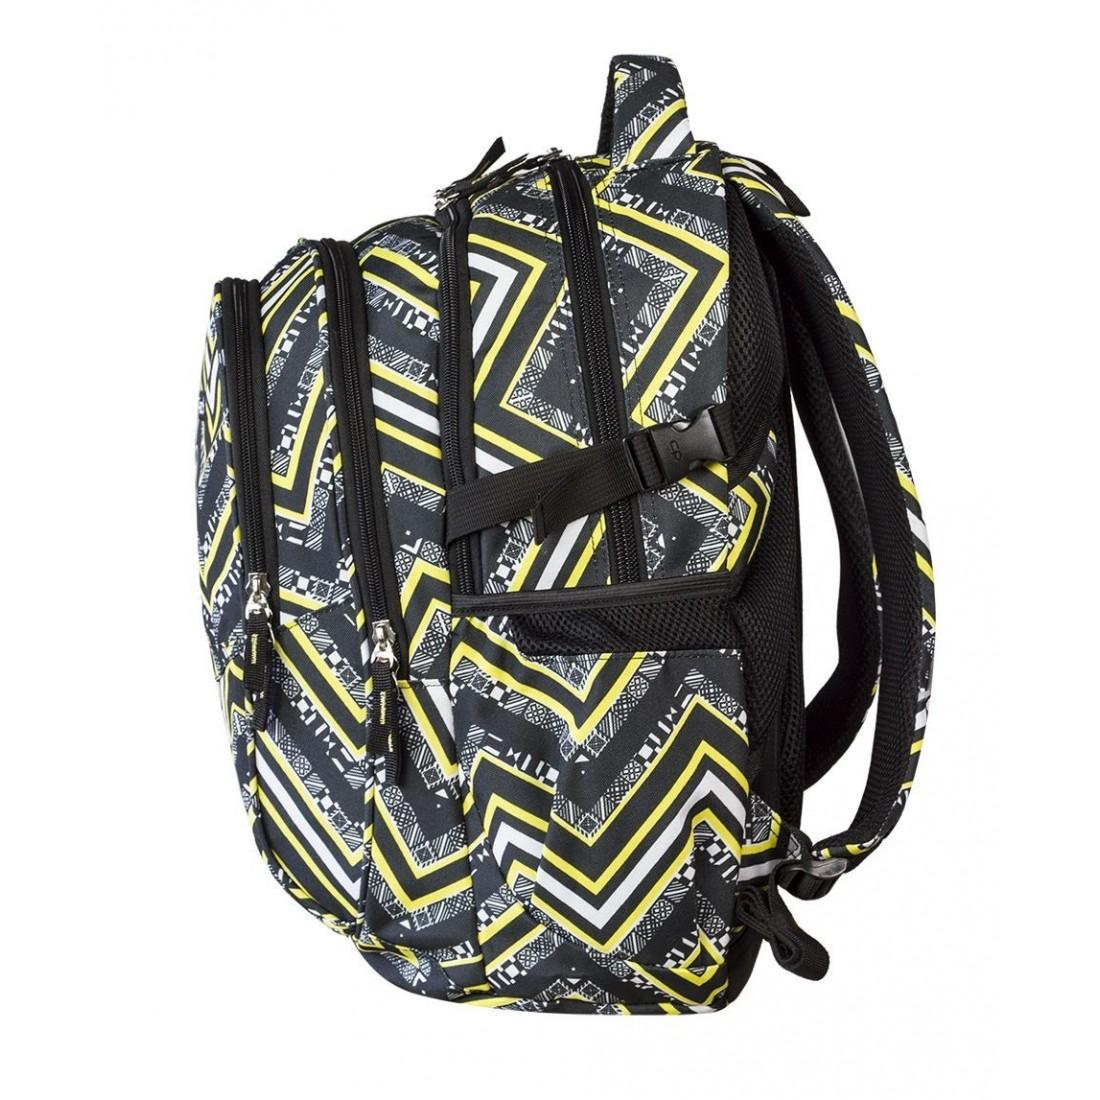 Plecak młodzieżowy CoolPack CP czarno - żółty w jodełkę - 4 przegrody FACTOR YELLOW CHEVRON 441 - plecak-tornister.pl